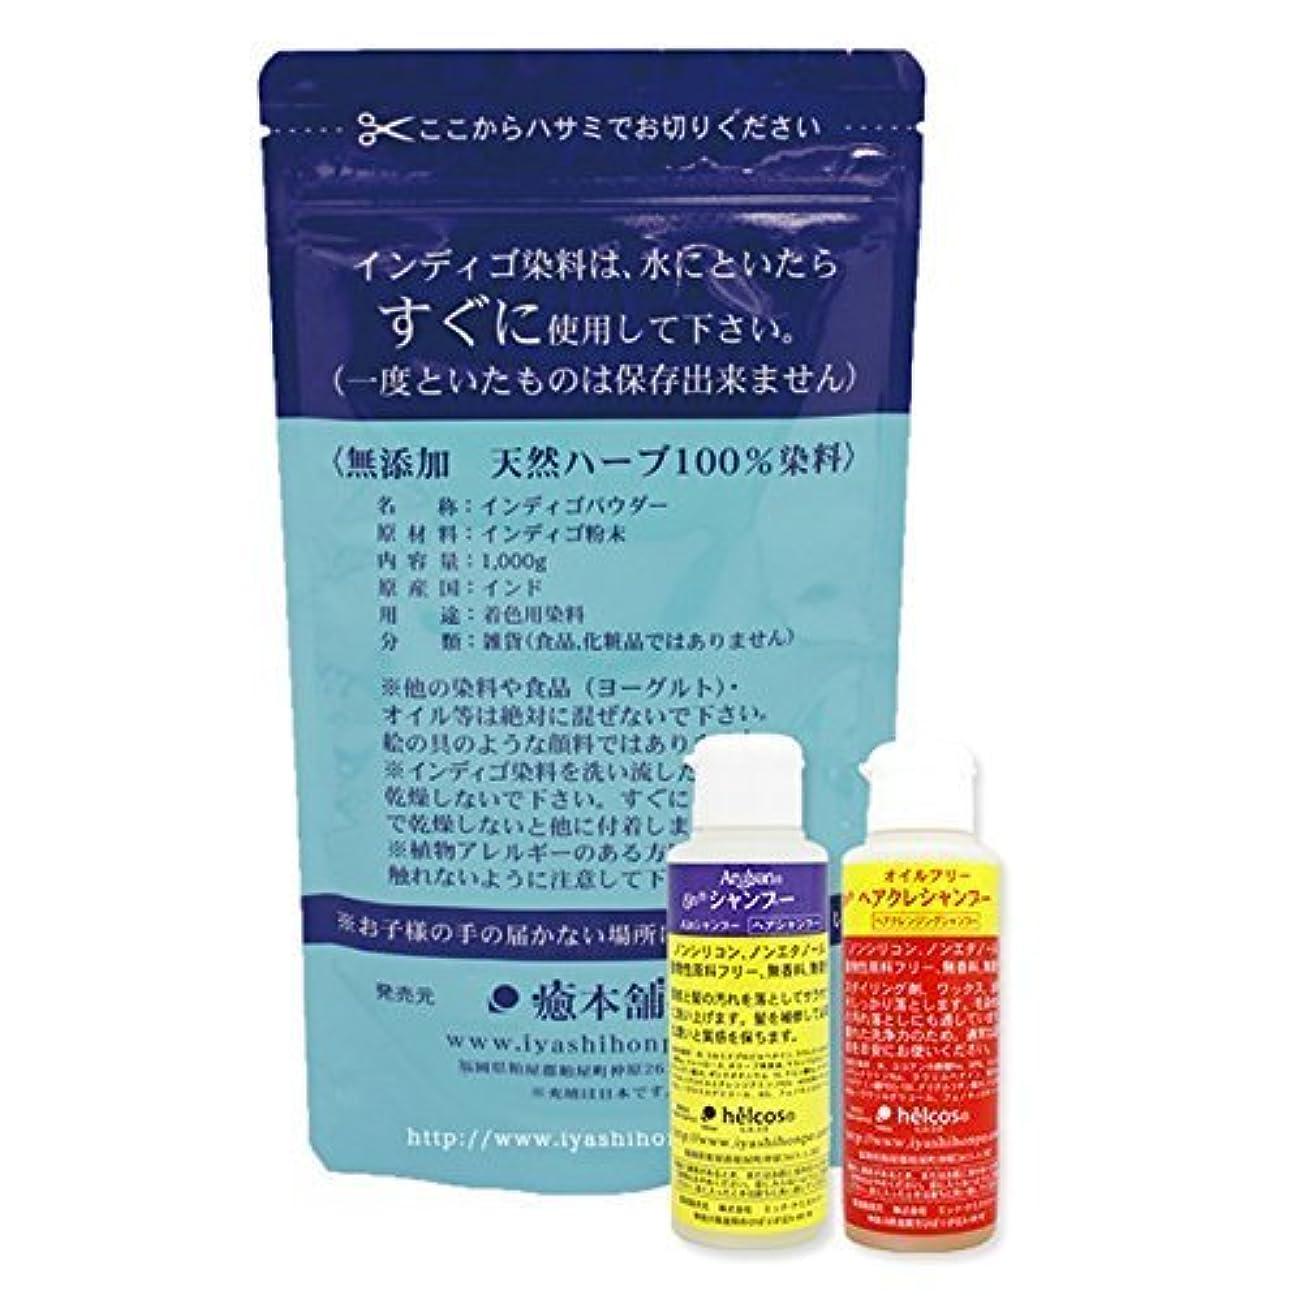 白髪染め インディゴ(天然染料100%) 1kg+シャンプー2種セット 癒本舗